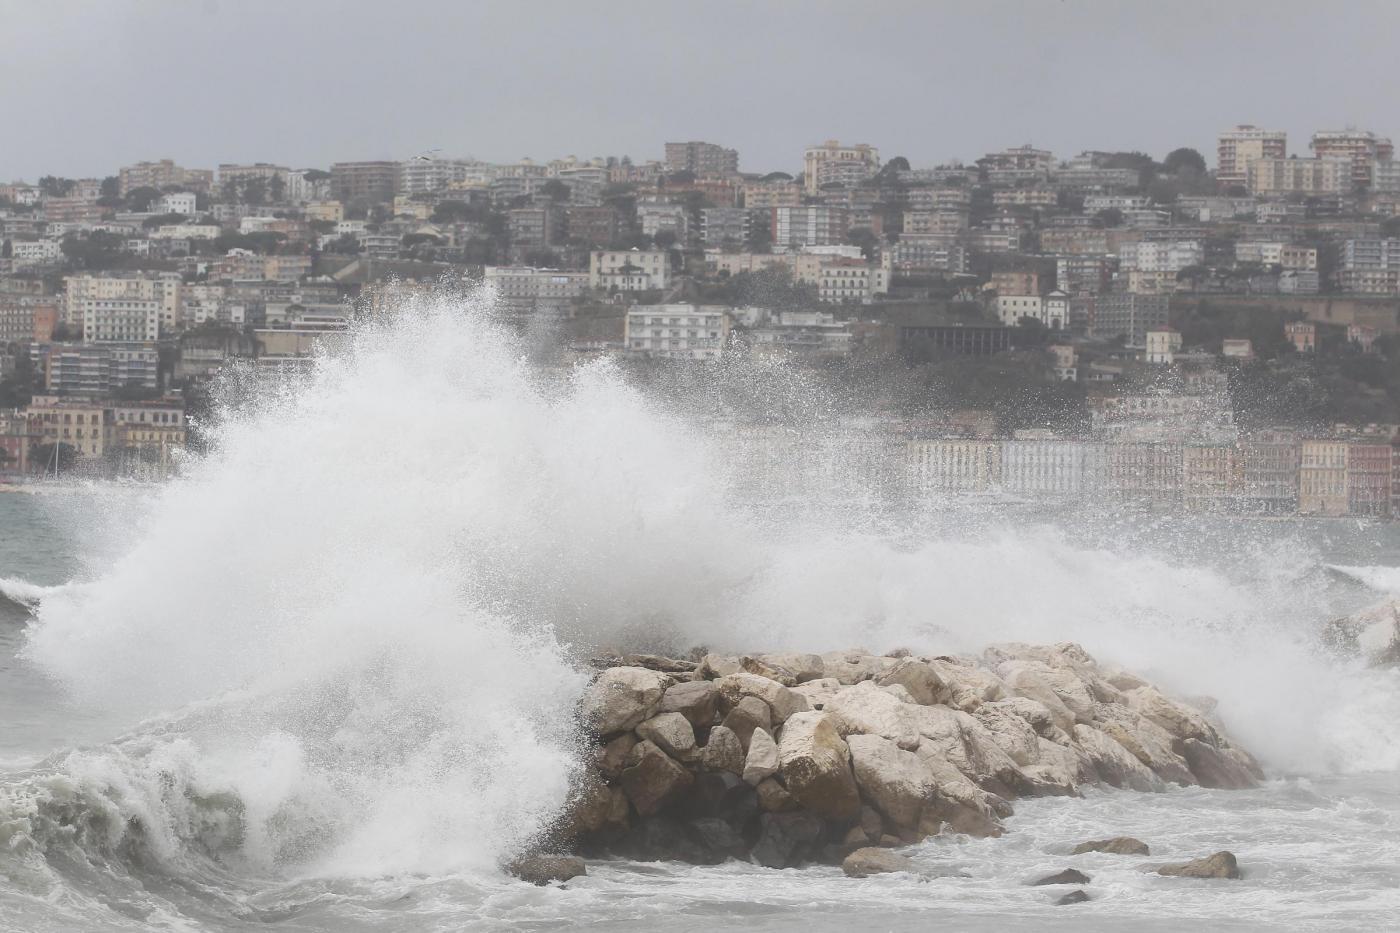 Protezione civile proroga allerta meteo in tutta la Campania